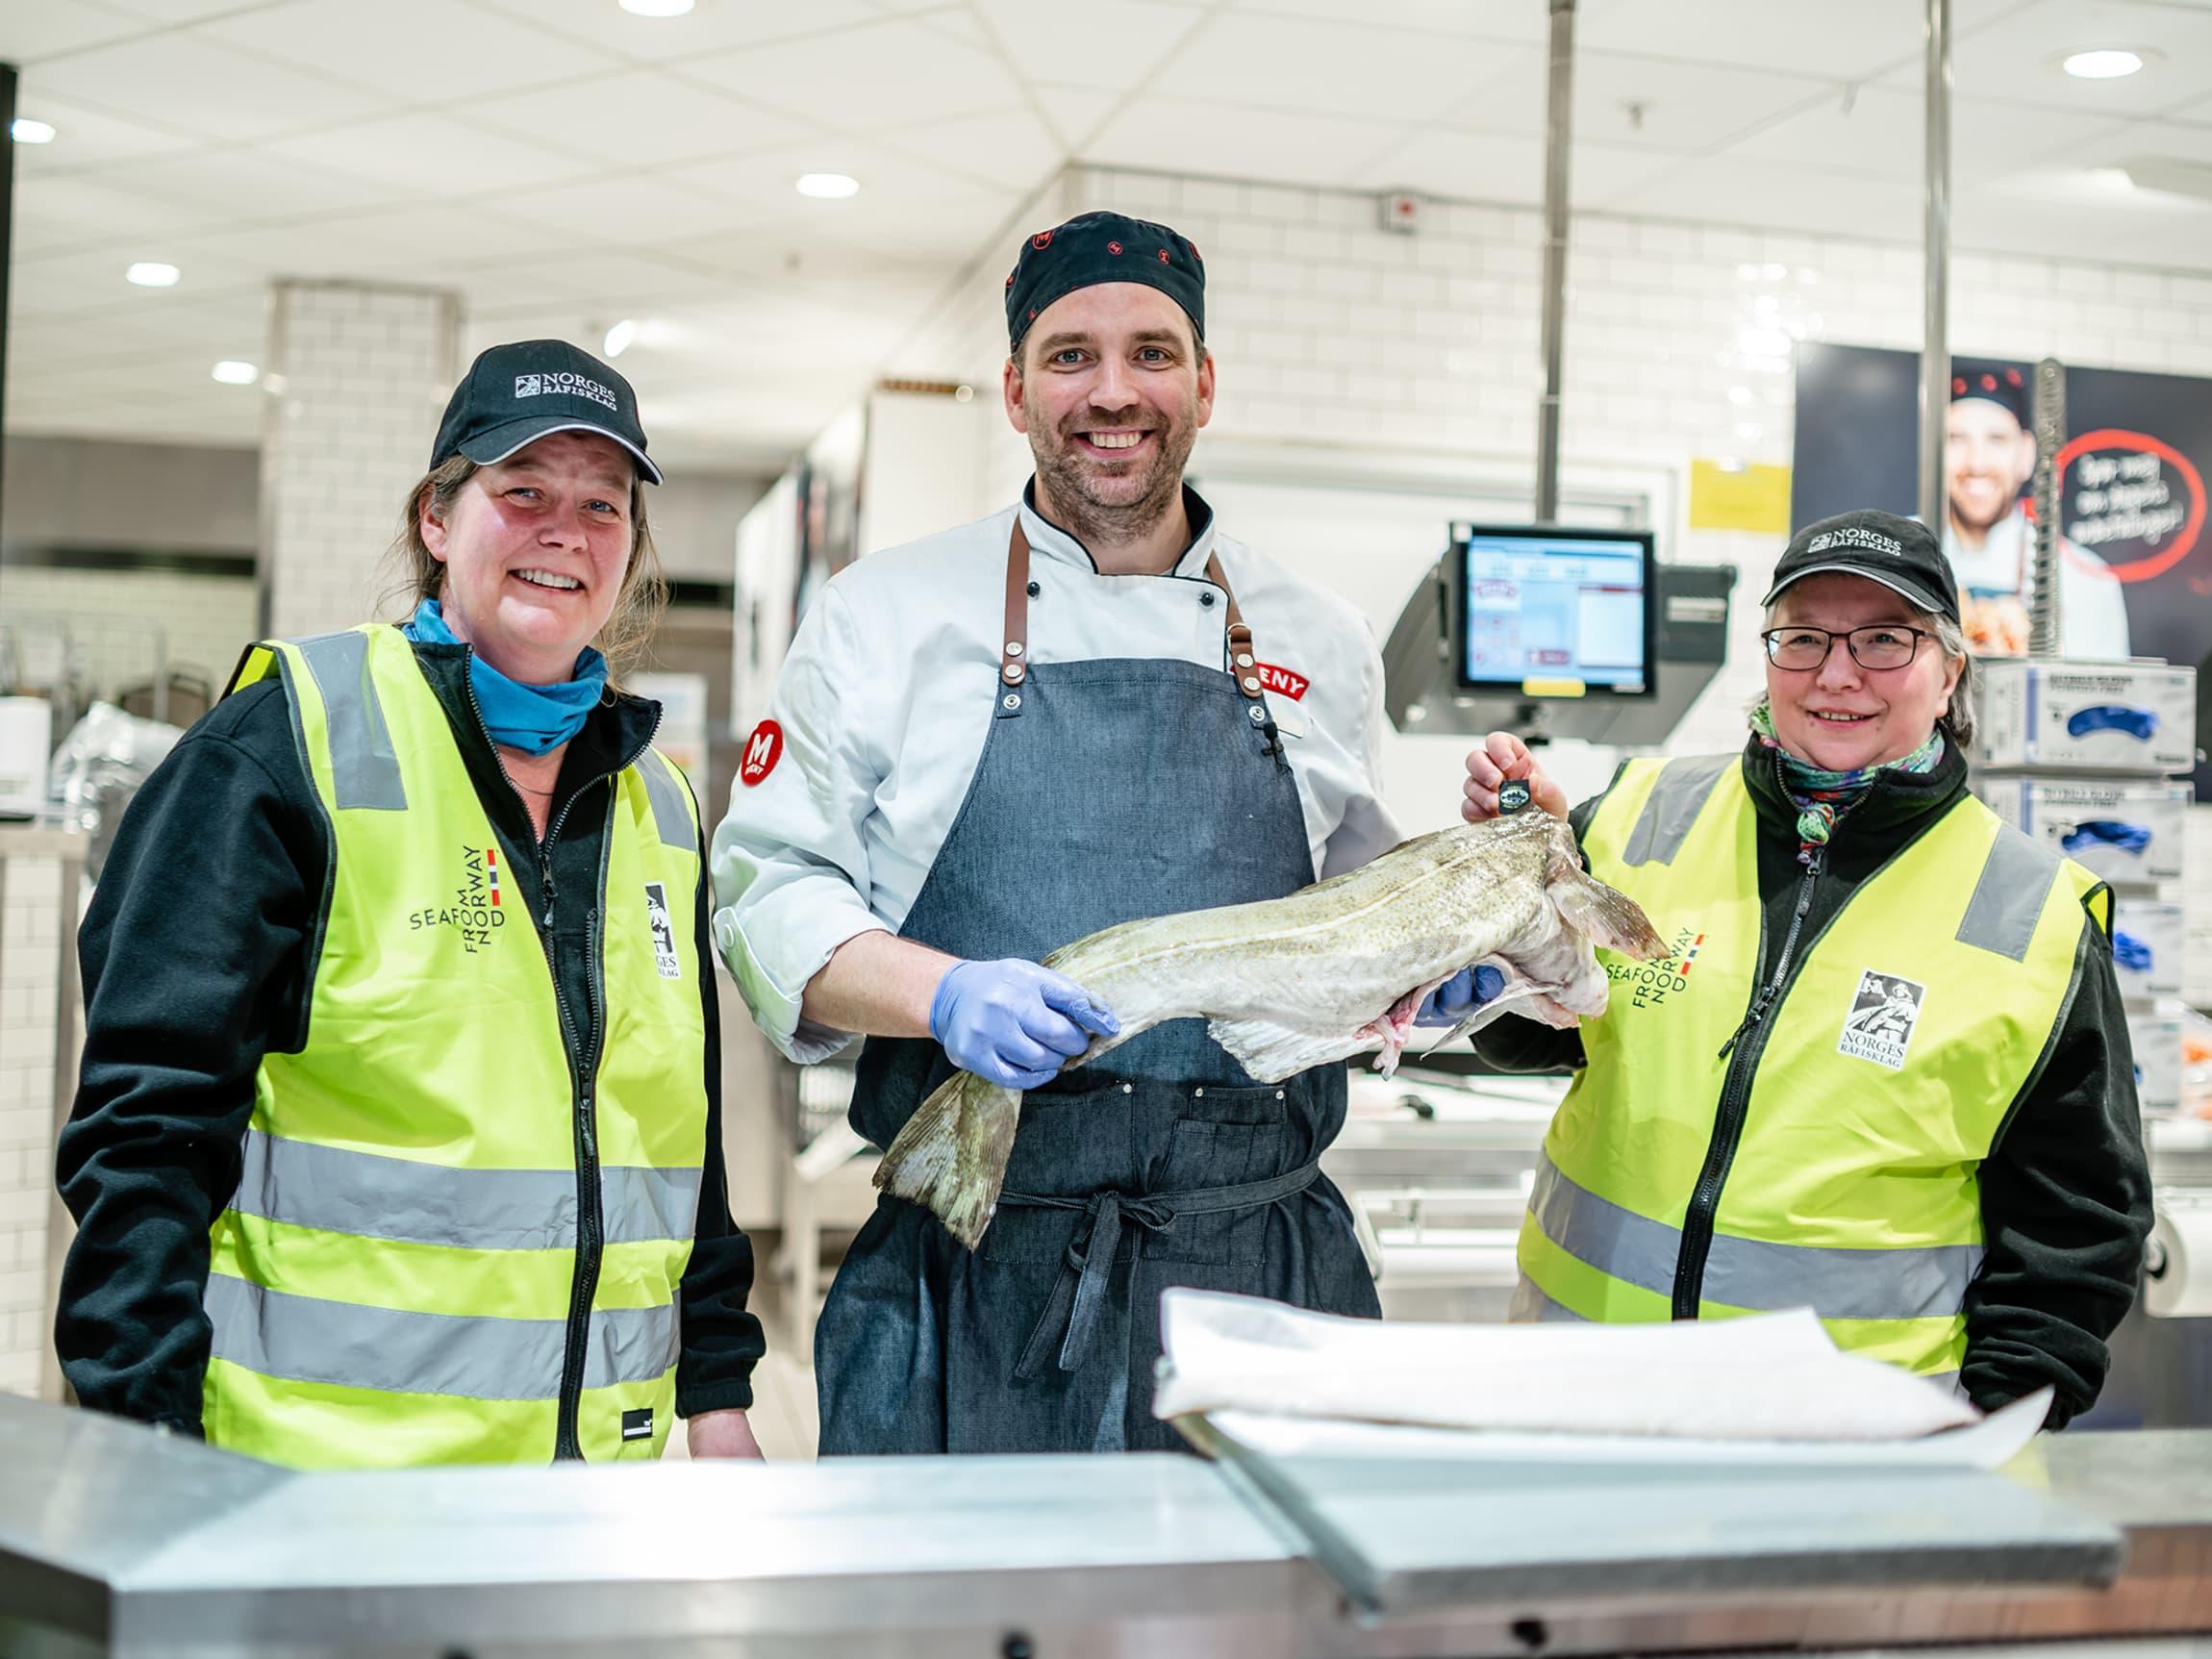 Skreipatruljens Jonette og Lillian er fornøyde med fiskens kvalitet og fagkompetansen i fiskedisken